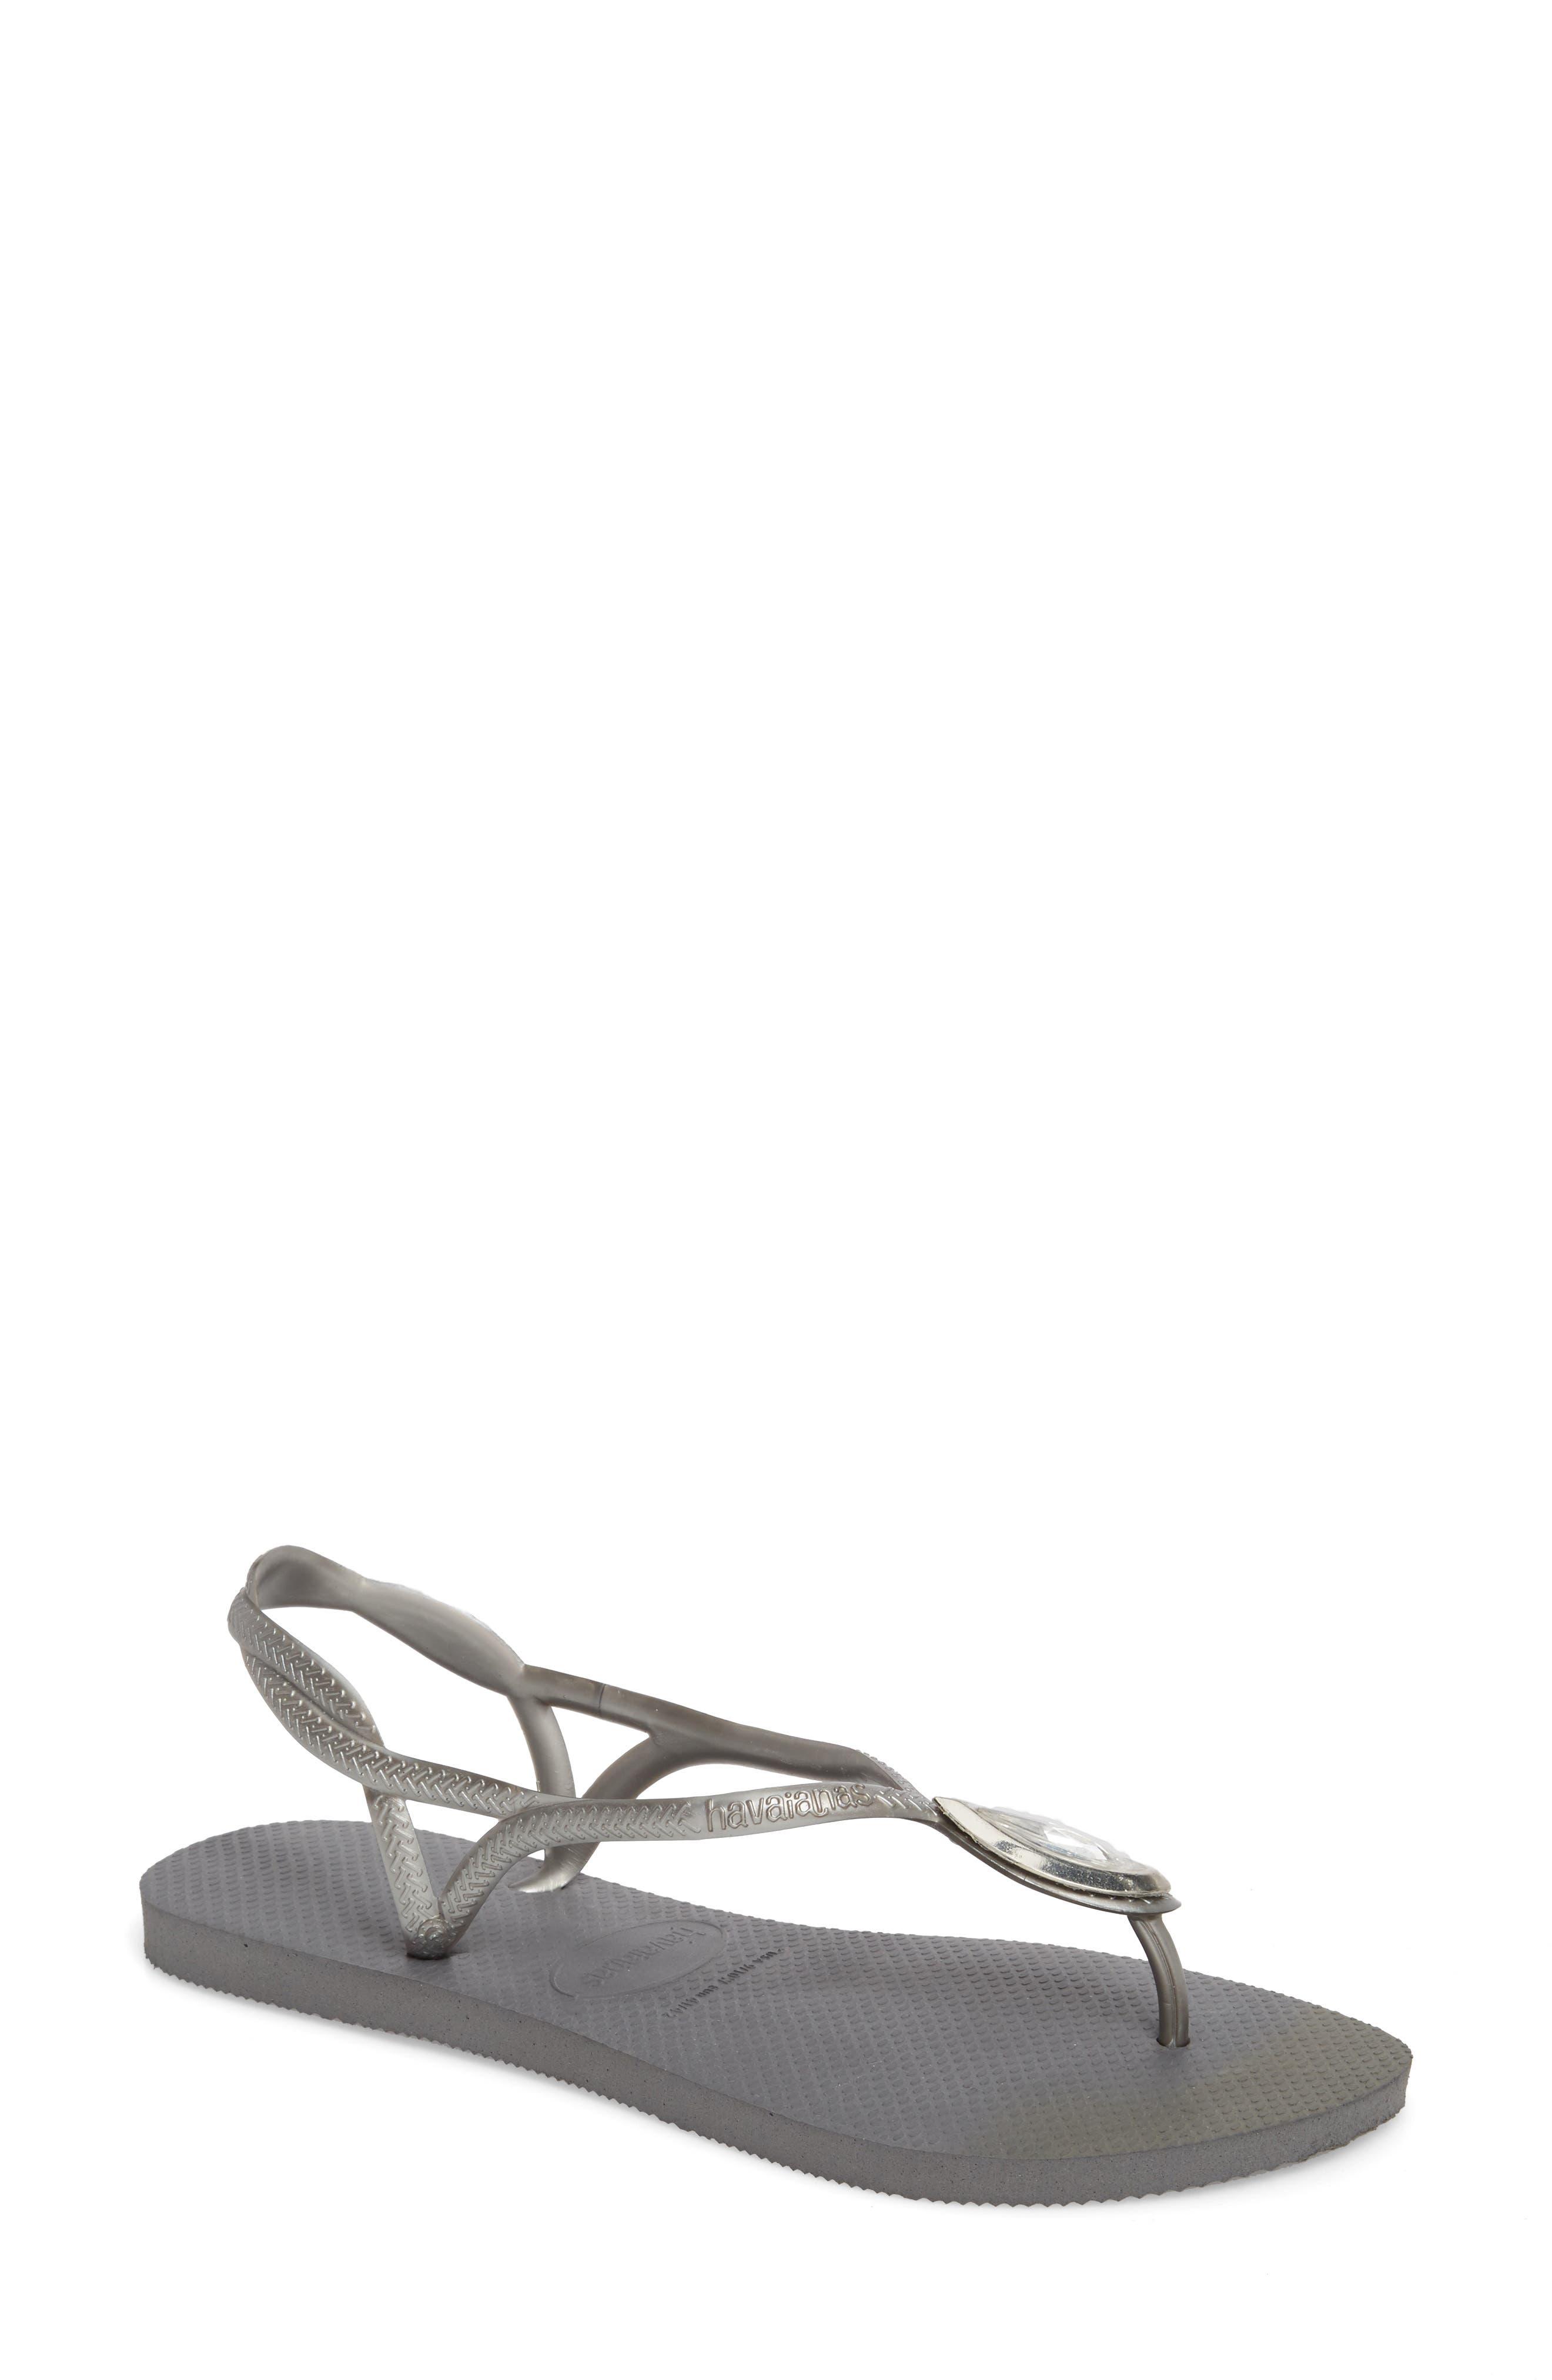 Luna Sandal,                         Main,                         color, STEEL GREY